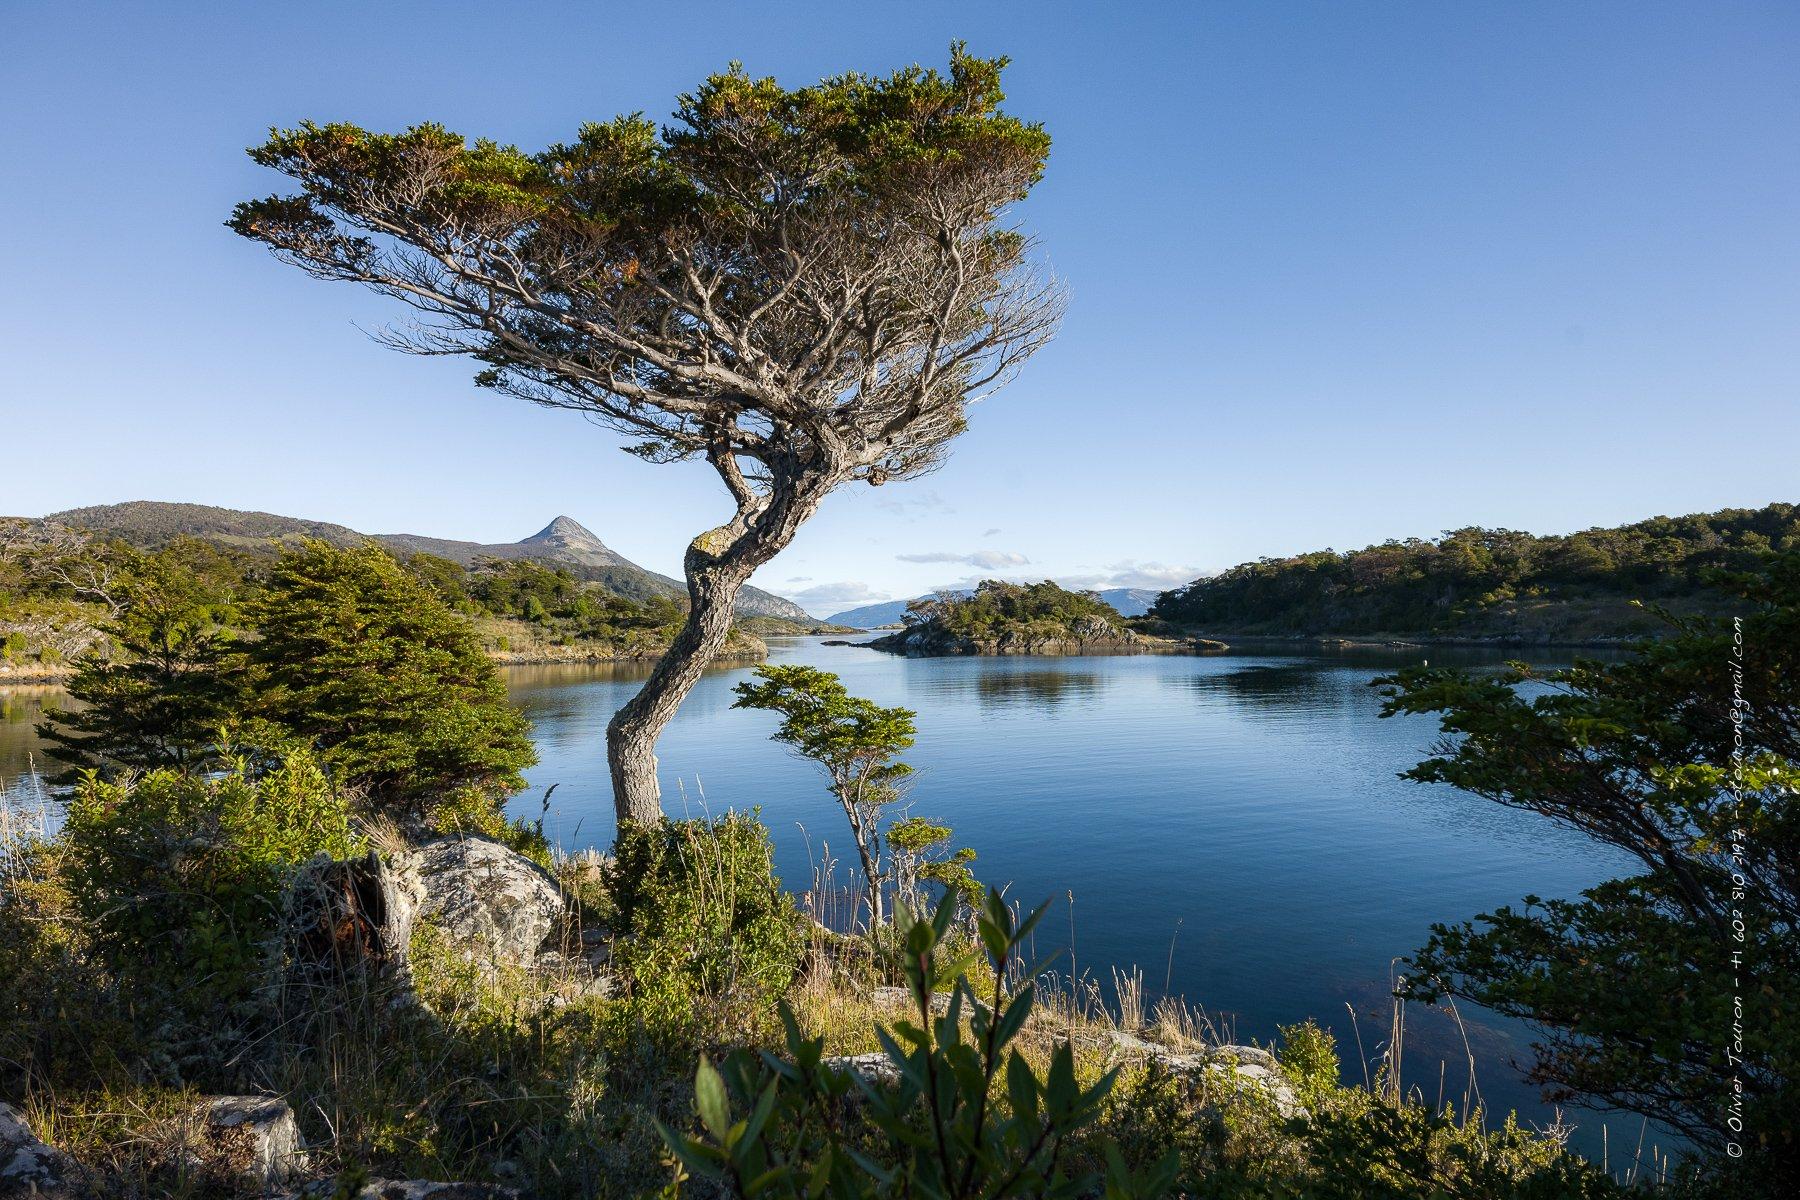 30 mars 2017. Chili.  Baie de Wulaia, haut lieu de vie des indiens Yamana décrit par Darwin et dessinée par le capitaine Fitzroy lors de leur voyage sur le HMS Beagle.    Printemps 2017, du 23 mars au 1er avril. Croisière en Patagonie sur les traces de Magellan dans les fjords qui dessinnent le tracé de la Terre de Feu, entre Chili et Argentine, entre Punta Arenas et Ushuia, en passant par le Cap Horn, à la rencontre de ceux qui vivent de cet extreme monde, aux confins des mers. // © Olivier Touron / Divergence